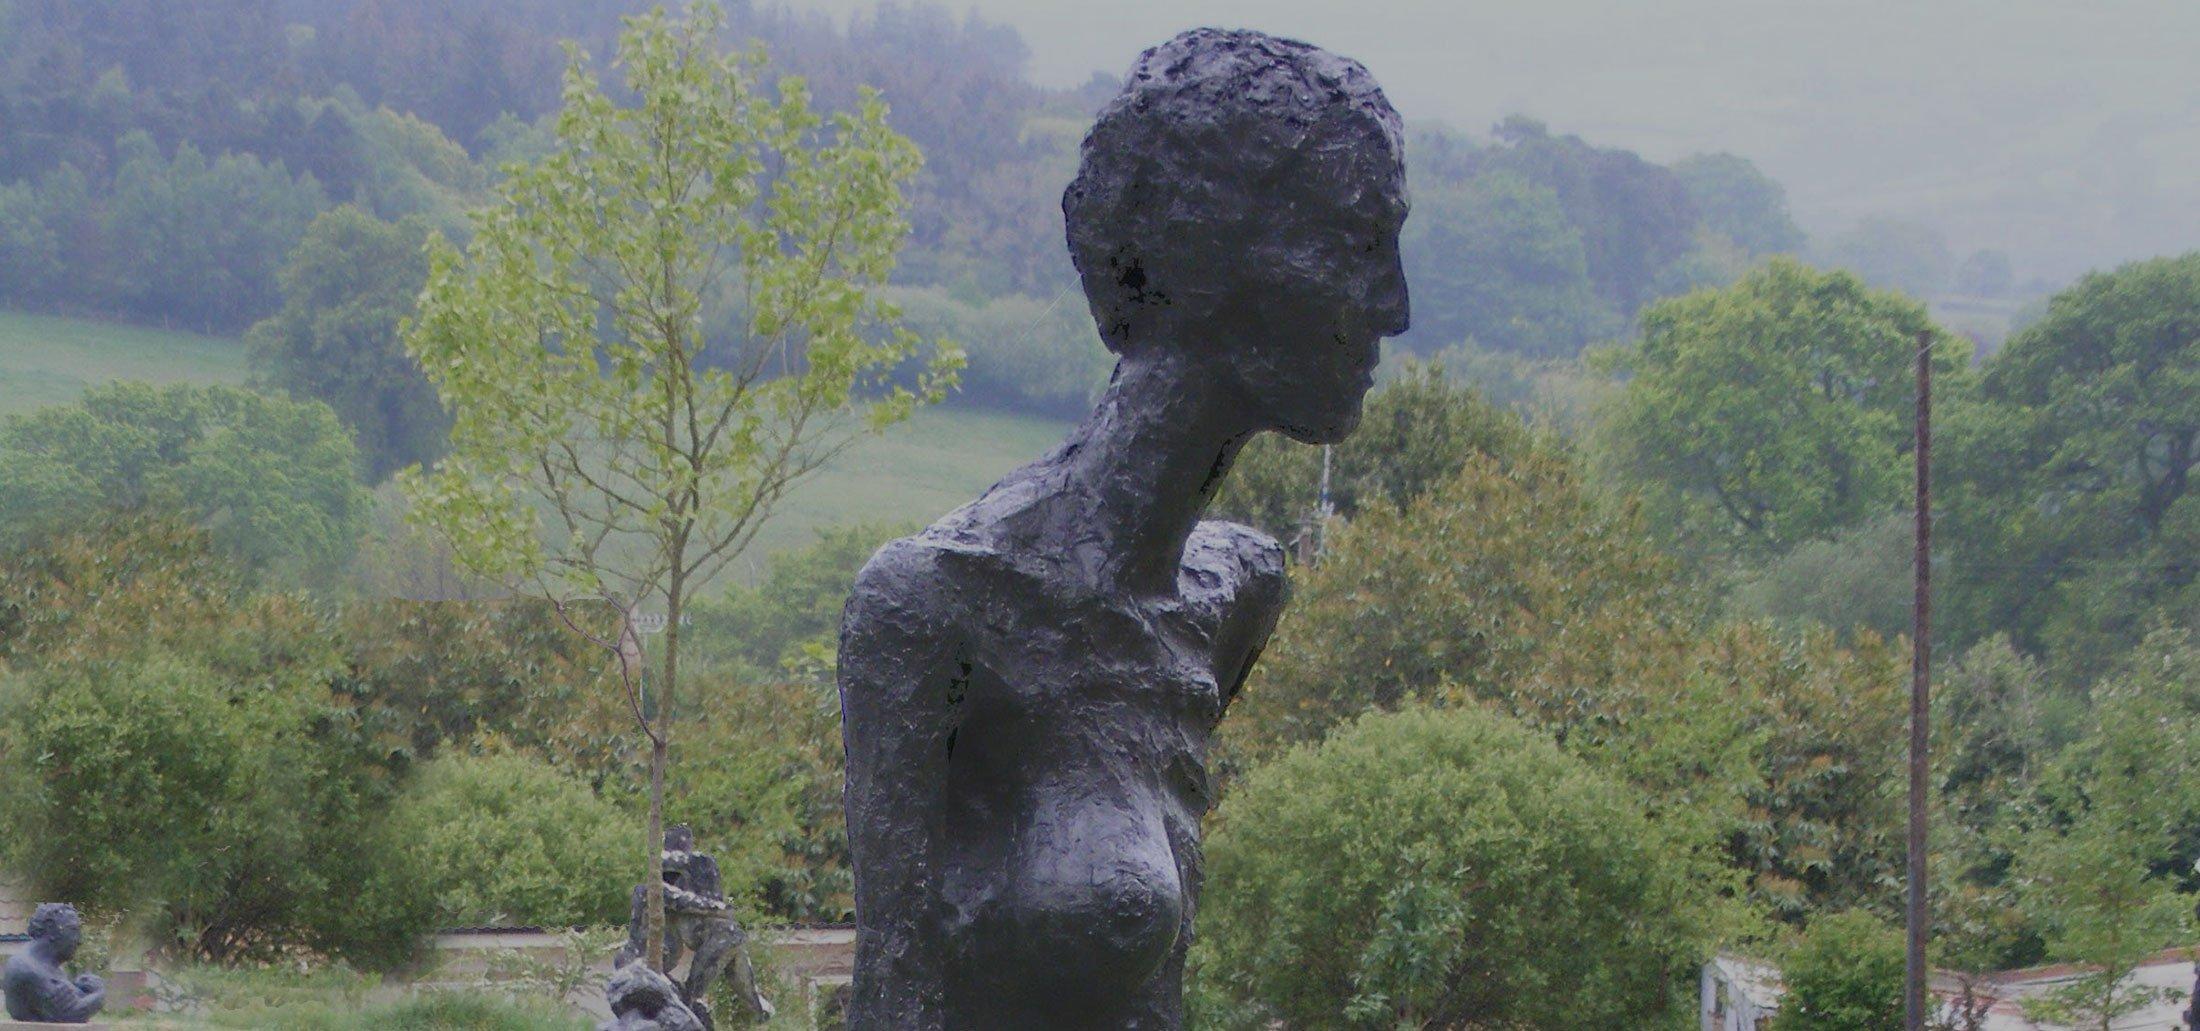 Women Sculpture - By Greta Berlin